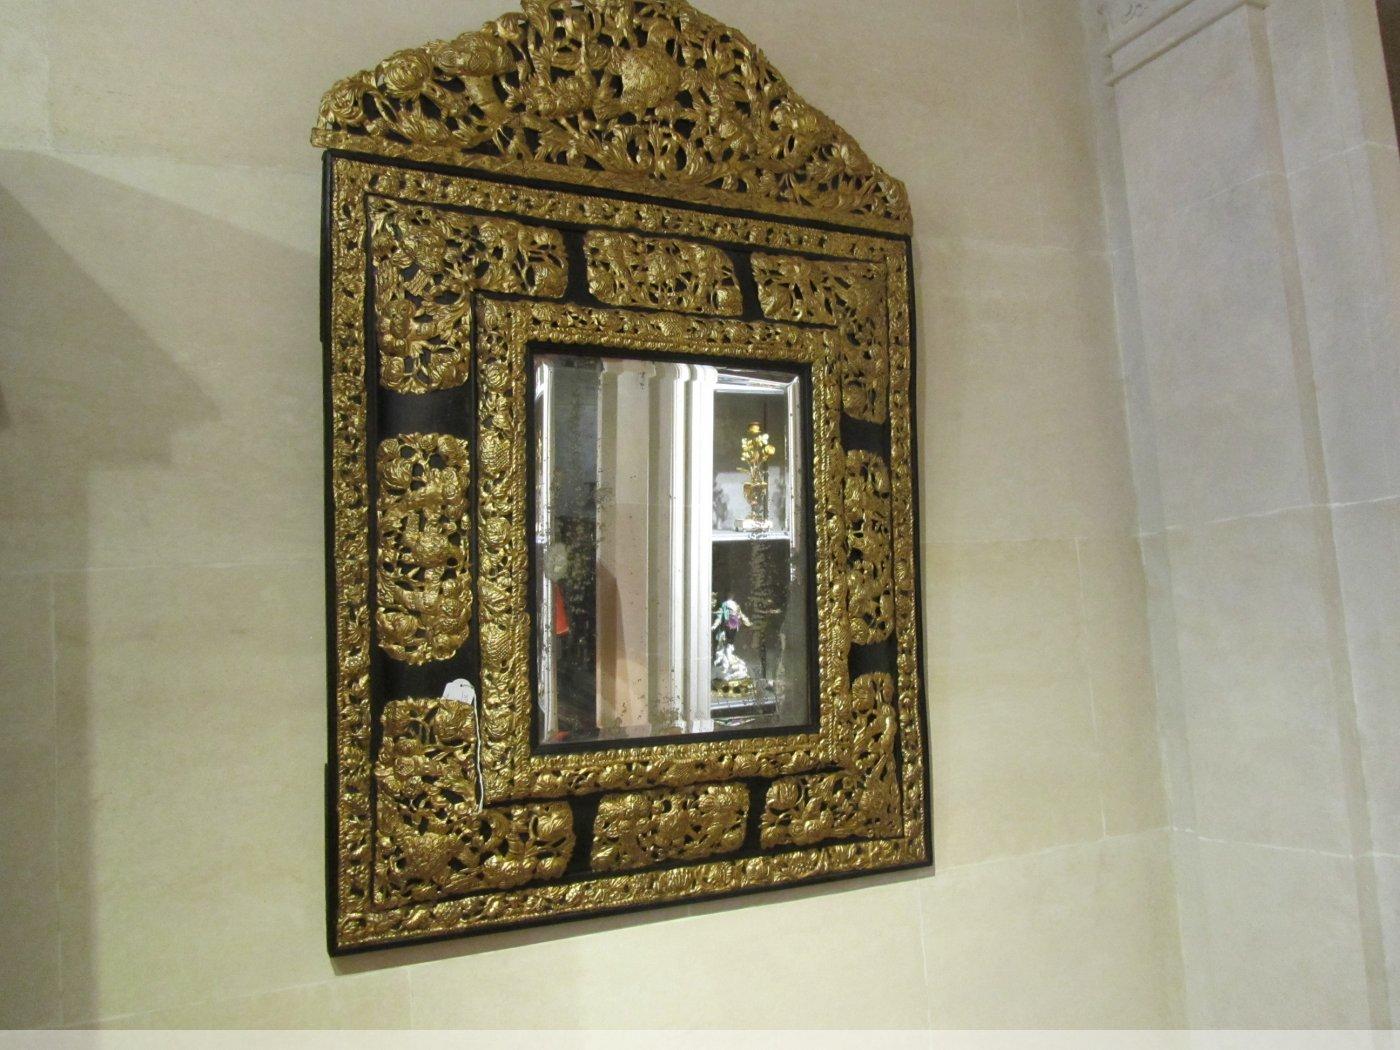 Paire de miroirs louis xiv xviie si cle for Miroir louis xiv